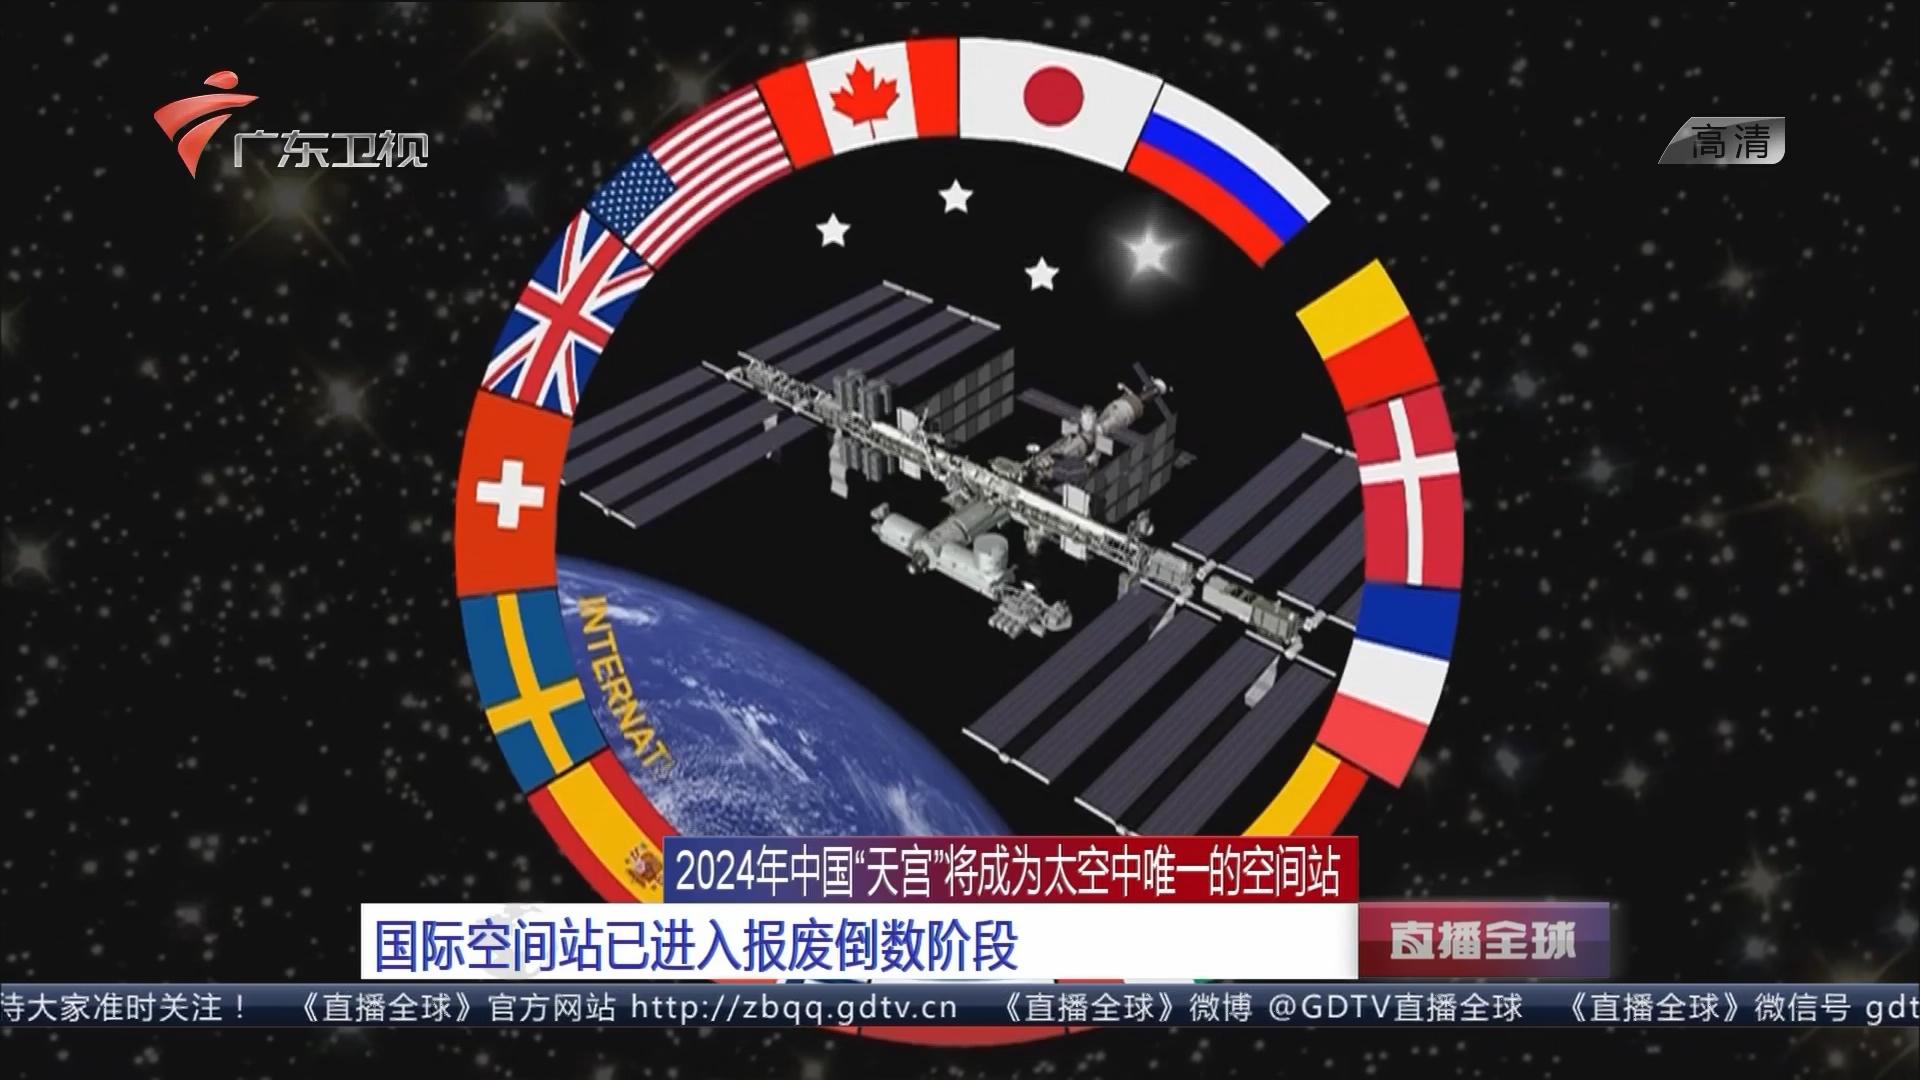 """2024年中国""""天宫""""将成为太空中唯一的空间站 太空班车——神舟 往返太空和地球"""